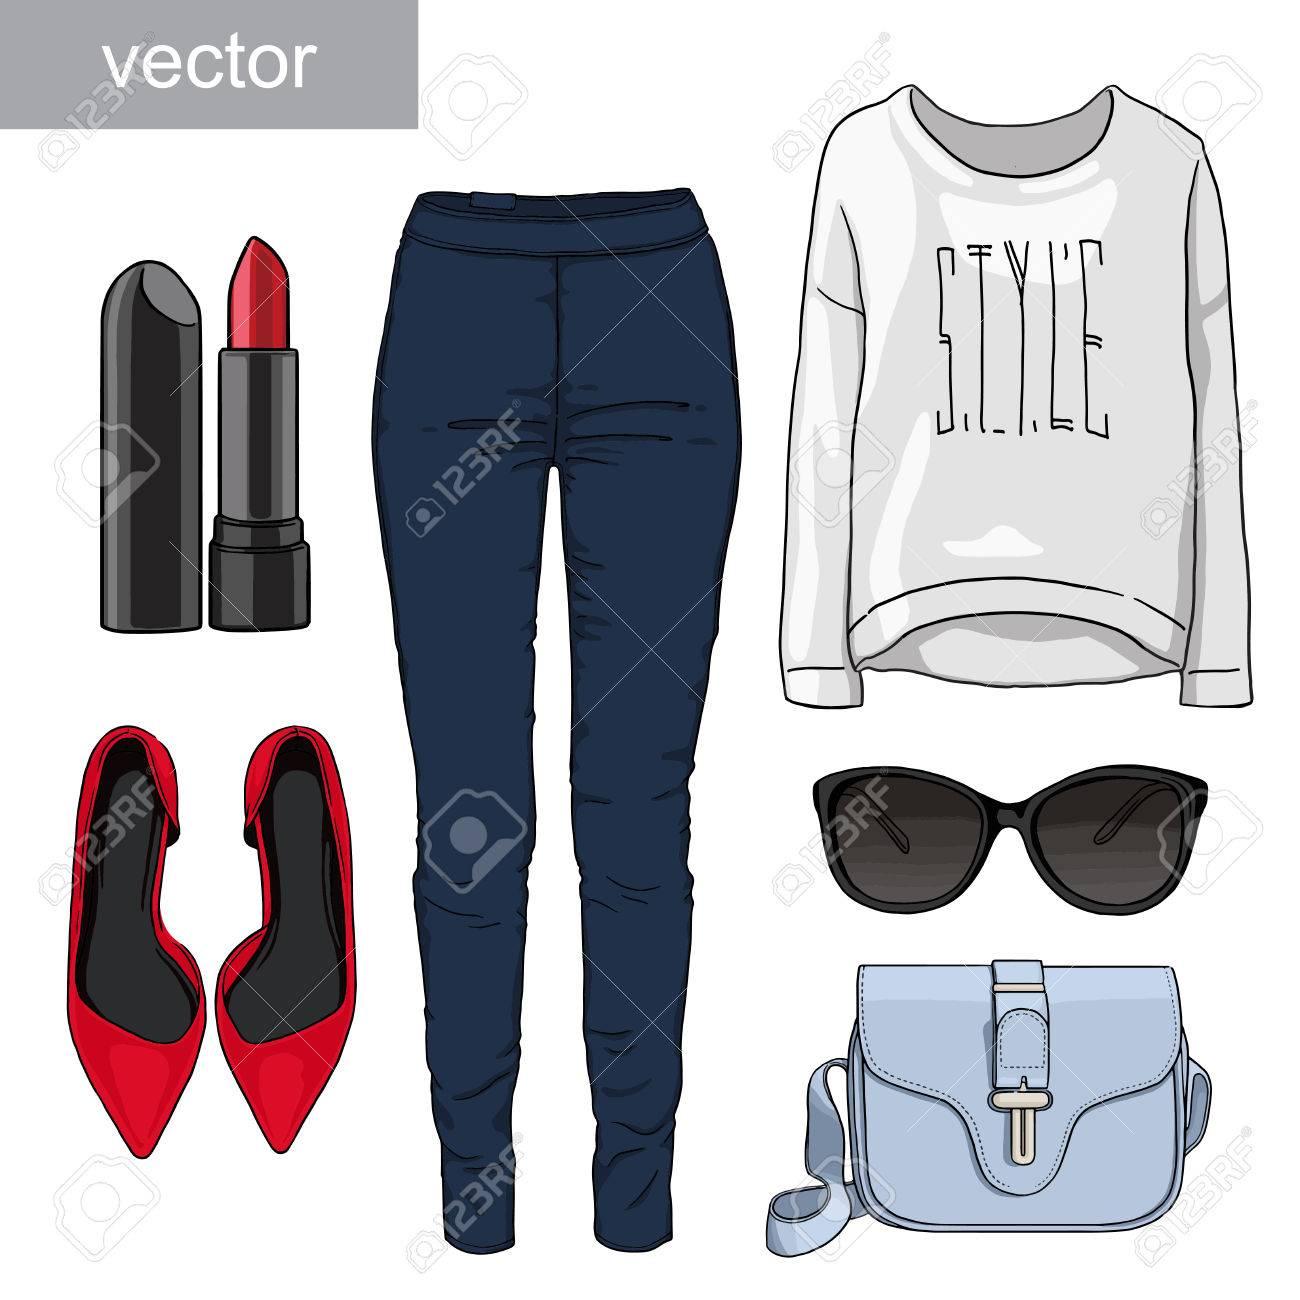 713e3cfdf Dama de la moda conjunto del otoño, traje de la temporada de primavera.  Ilustración estilo y de moda de ropa. Denim, camiseta, gafas, zapatos de ...